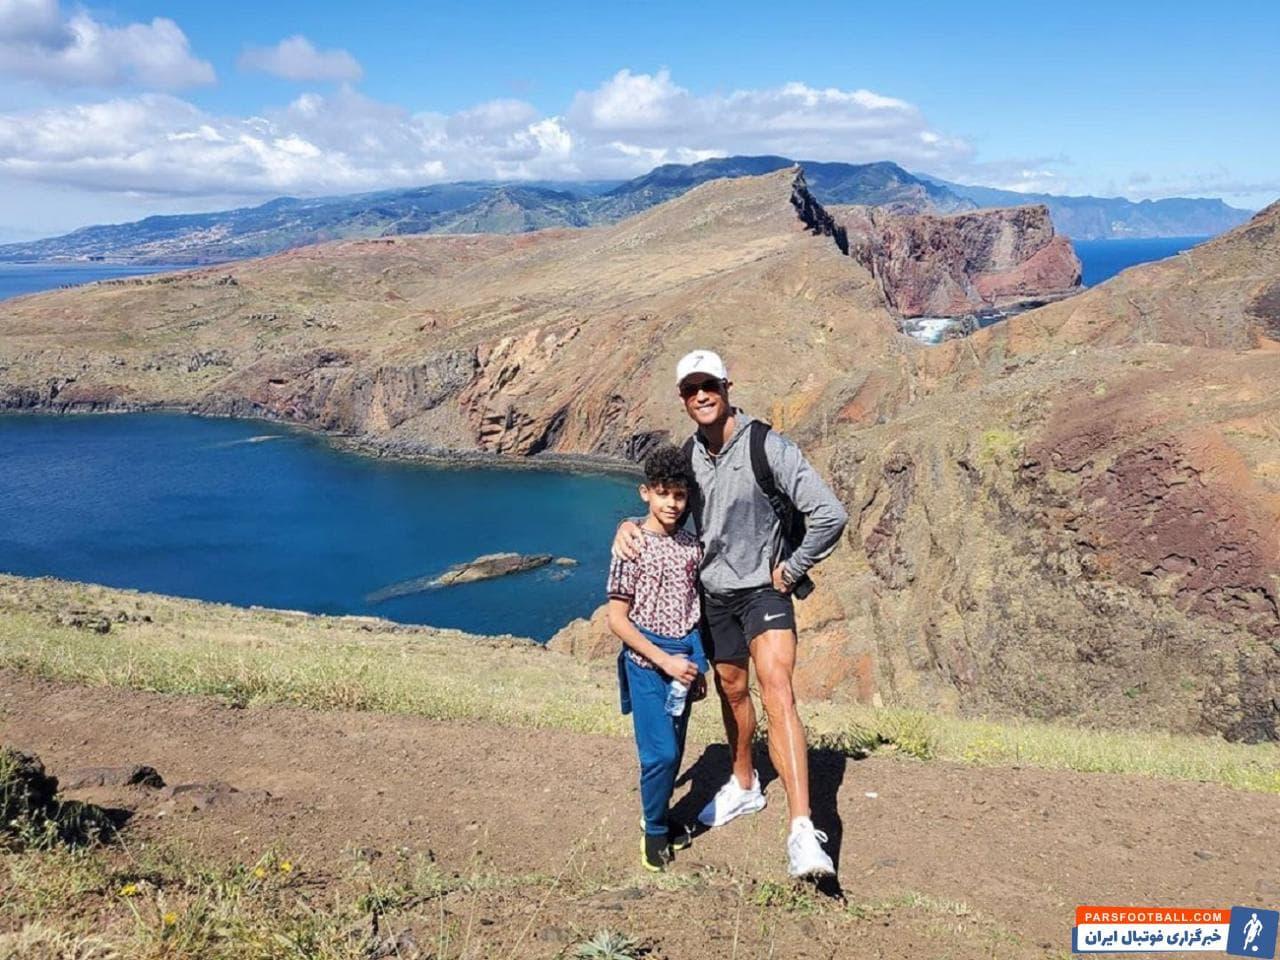 انتشار عکسی از کریستیانو رونالدو همراه با پسرش در طبیعت جزیره مادیرا